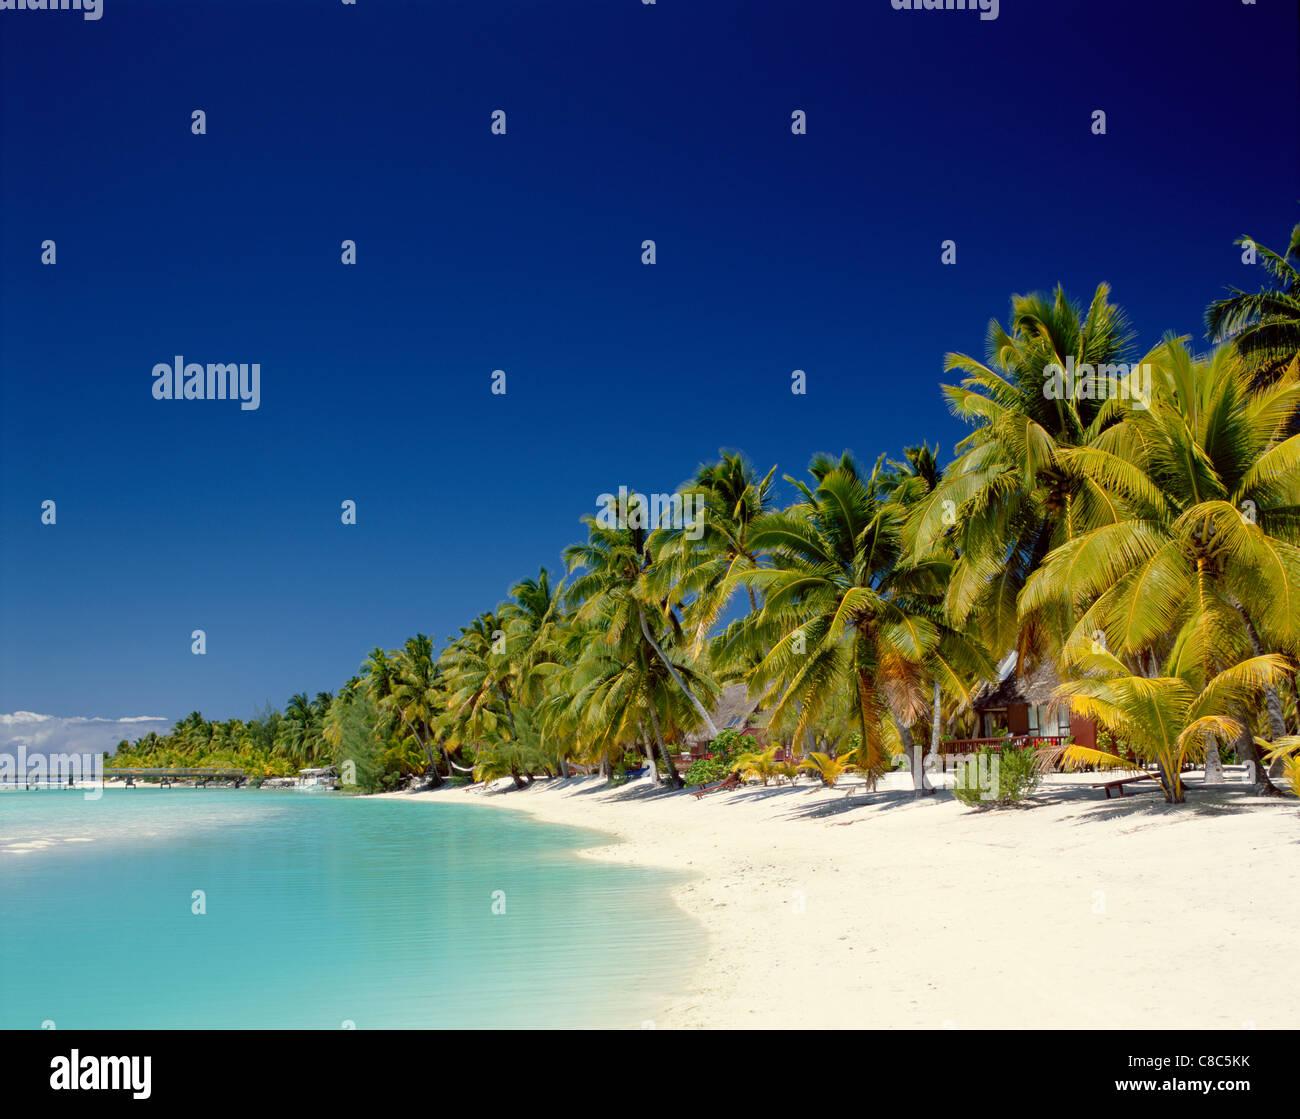 Cook Islands Beaches: Atoll, Palm Trees & Tropical Beach, Aitutaki Island, Cook